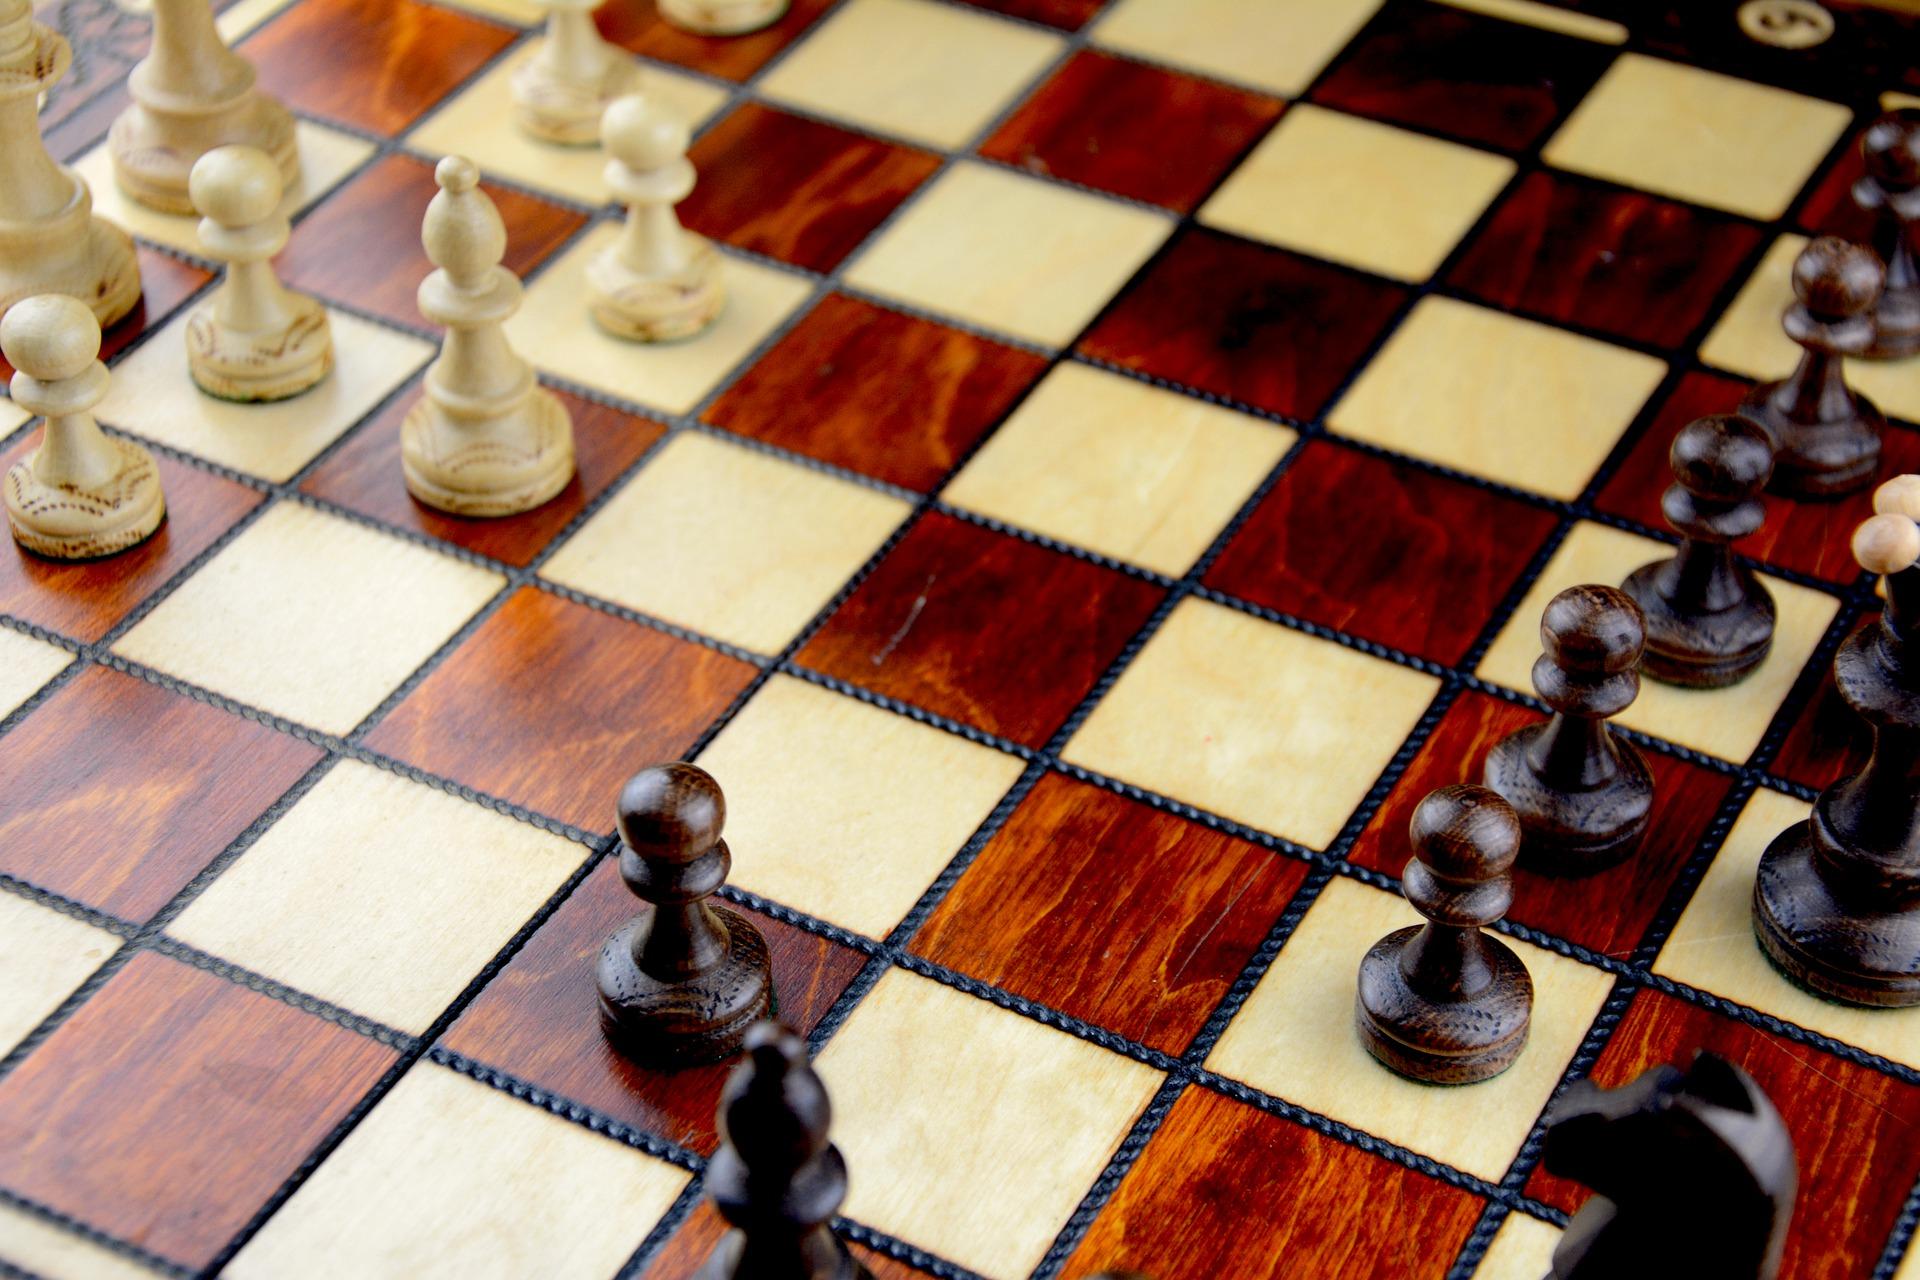 領導品牌企業的經驗萃取:業務戰將關鍵職能複製計畫 業務